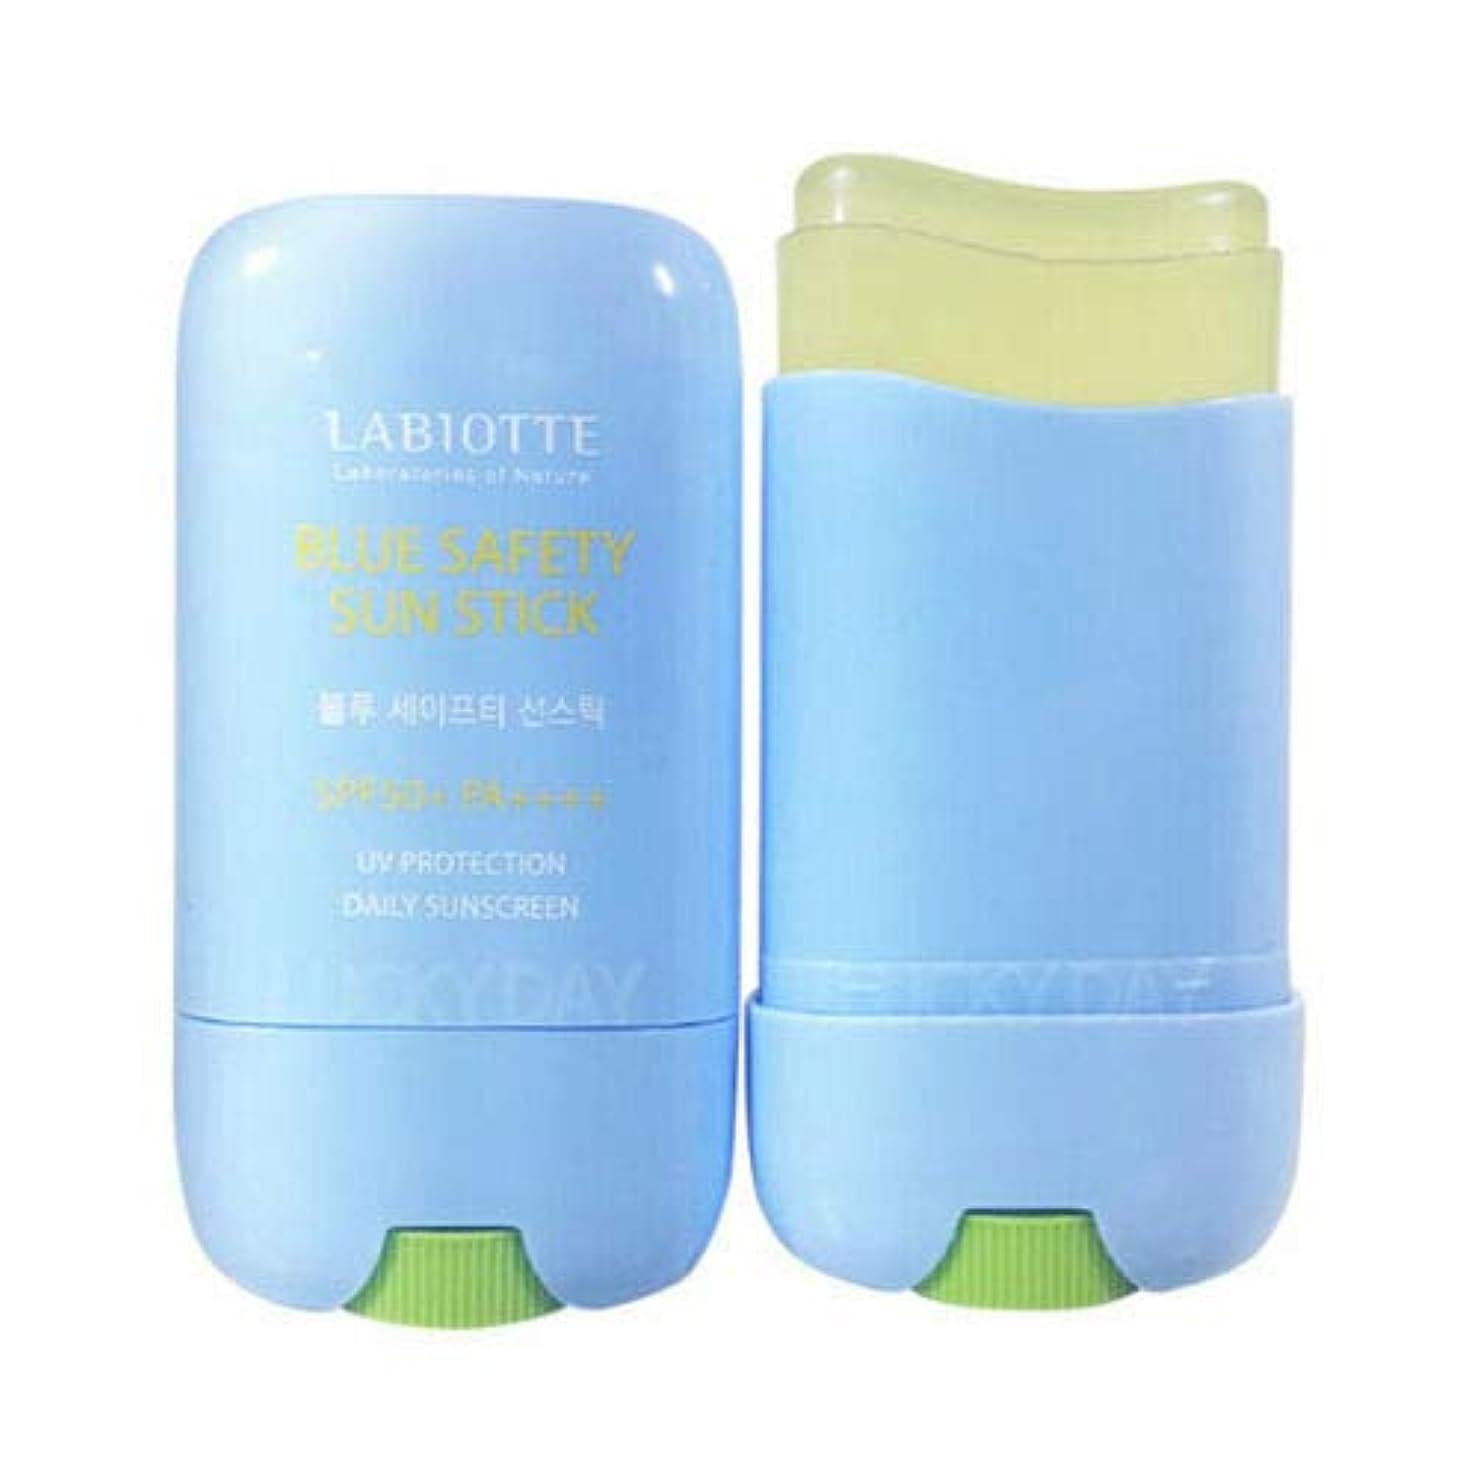 吹きさらし証明する理容師LABIOTTE ラビオッテ ブルーセーフティーサンスティック 25g SPF50+ PA++++ Blue Safety Sun Stick 韓国日焼け止め